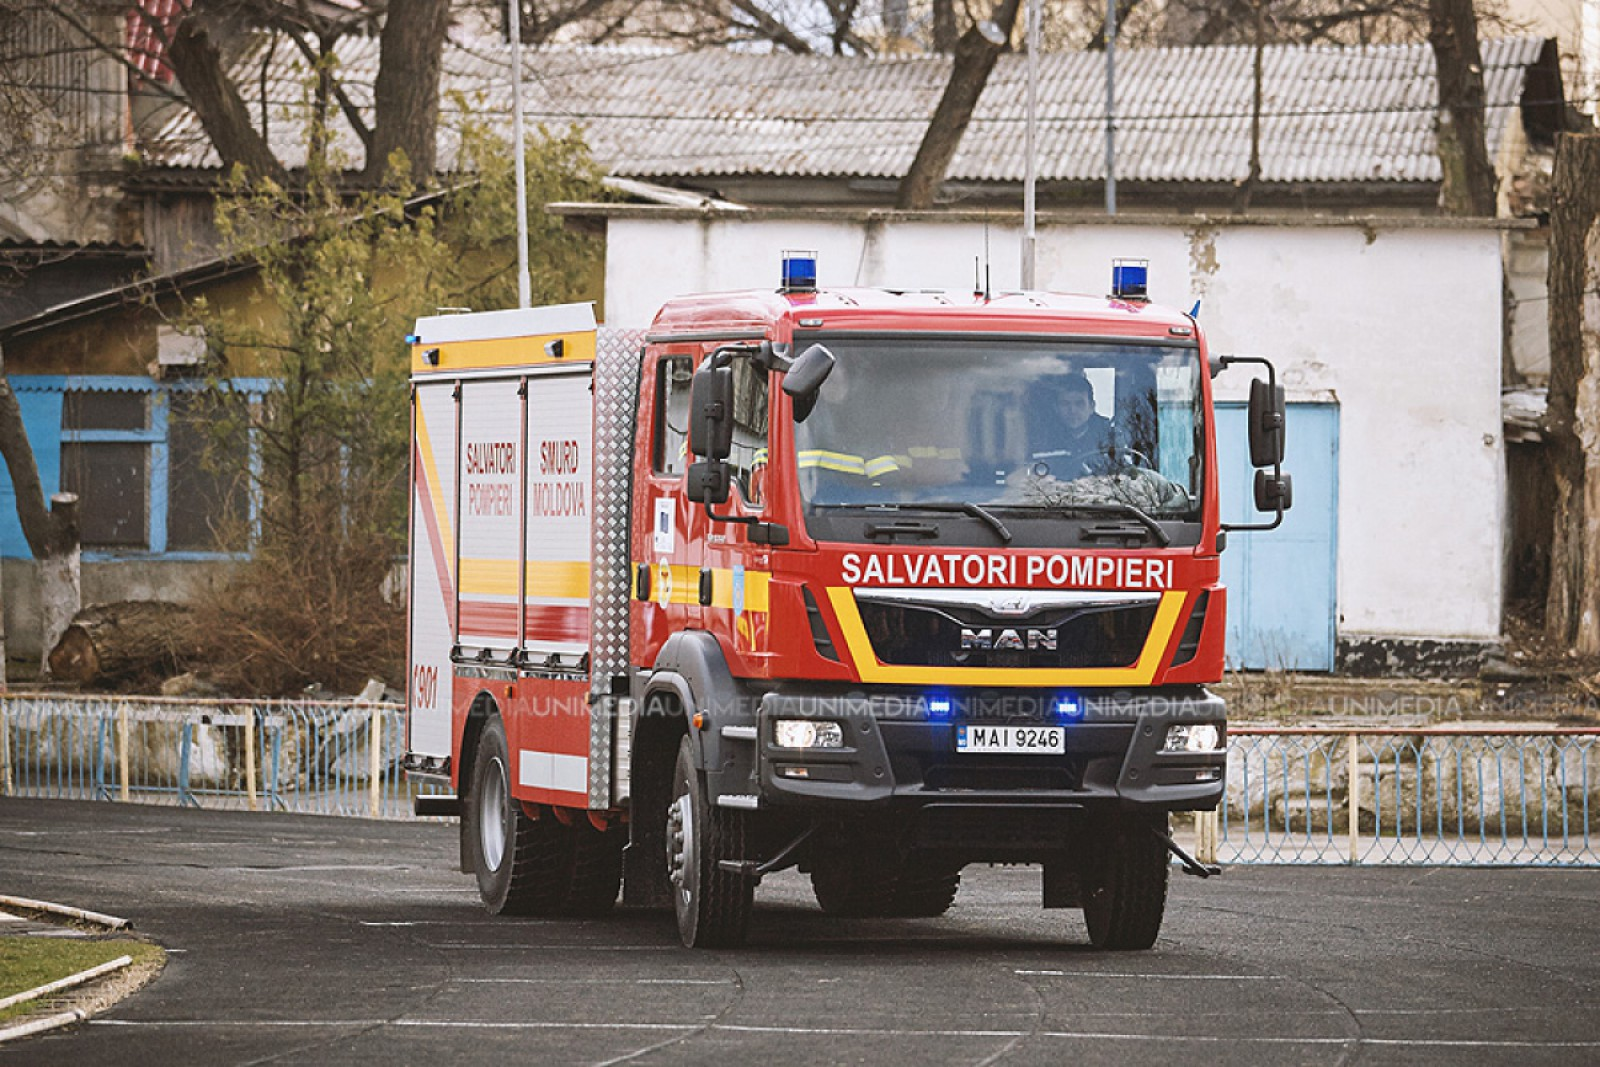 Primele ipoteze în cazul incendiului într-un local din capitală, unde mai multe persoane au fost evacuate